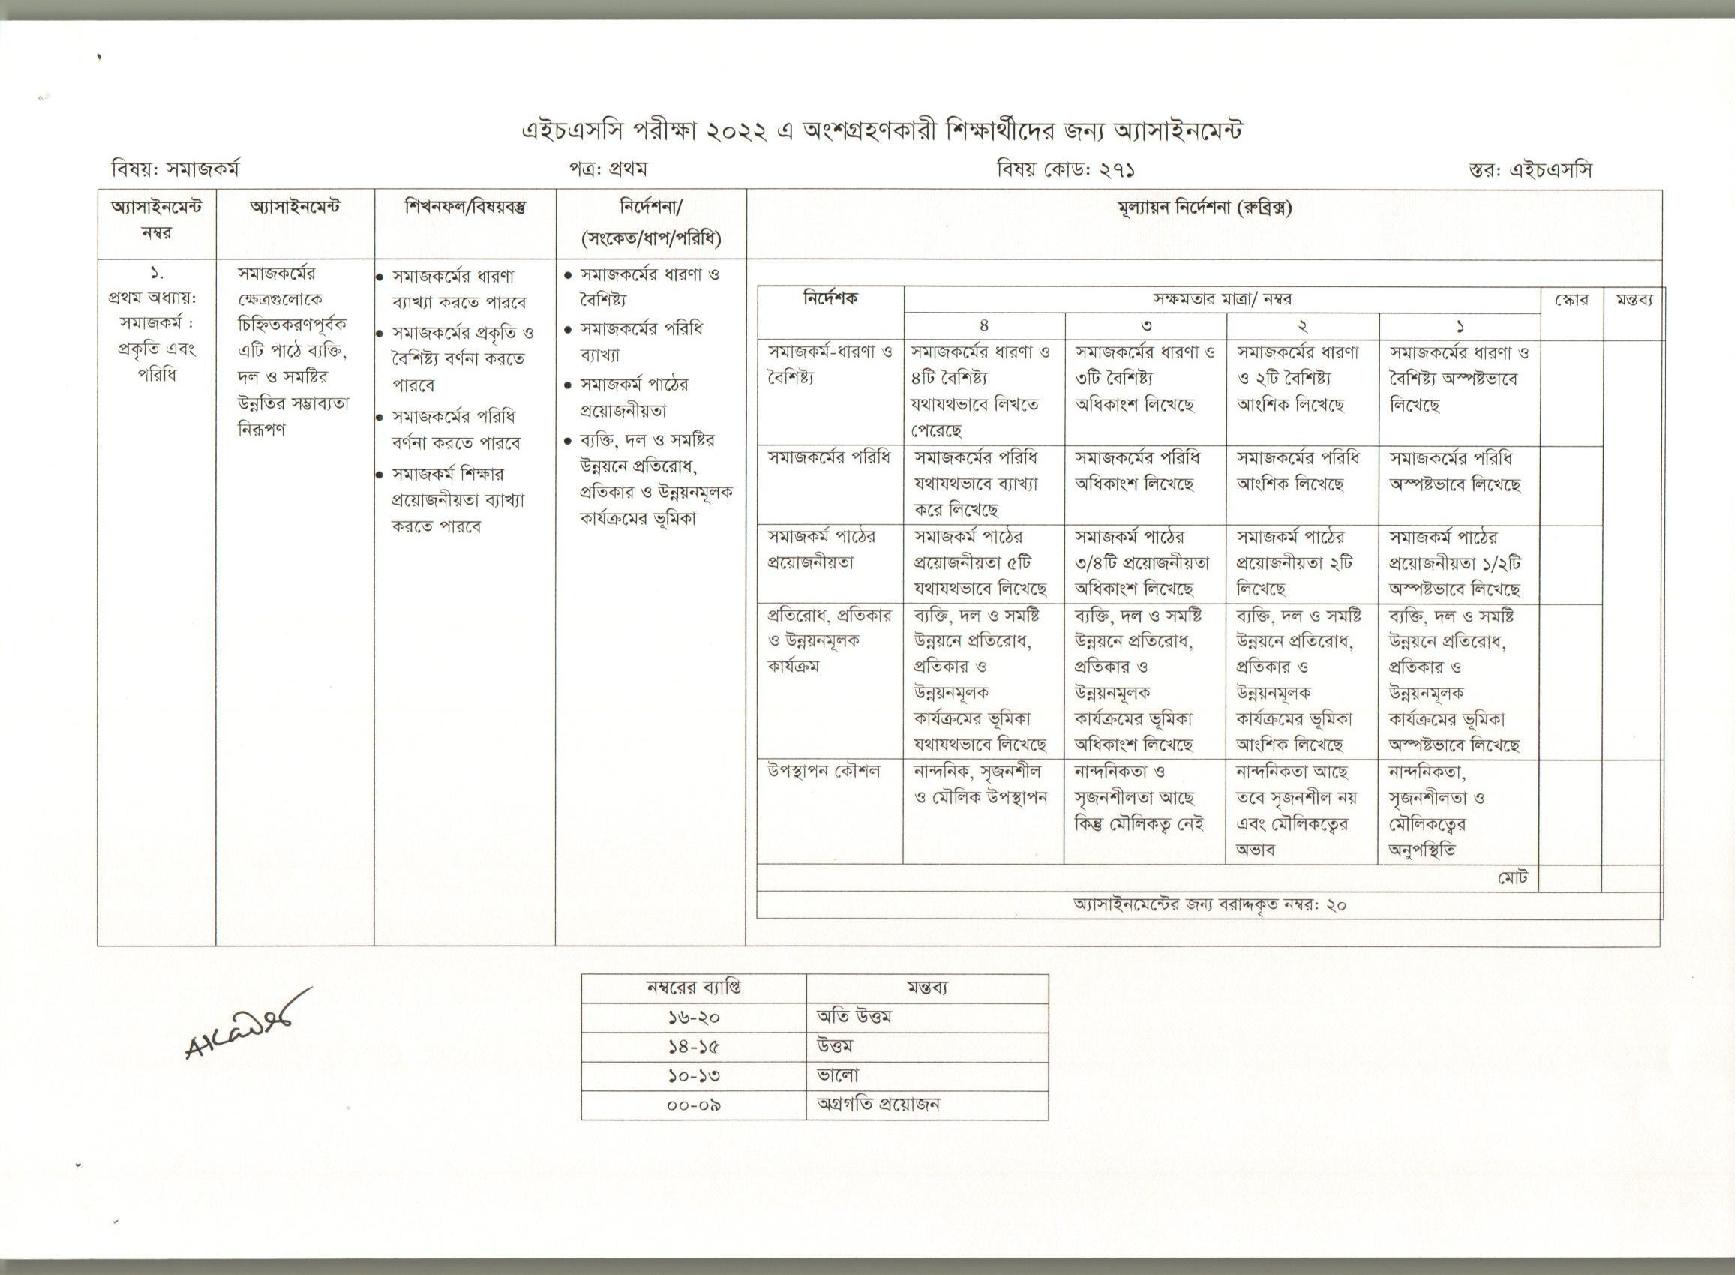 এইচএসসি পরীক্ষা ২০২২-এ অংশগ্রহণকারী শিক্ষার্থীদের জন্য প্রণীত পঞ্চম সপ্তাহের অ্যাসাইনমেন্ট https://www.banglanewsexpress.com/